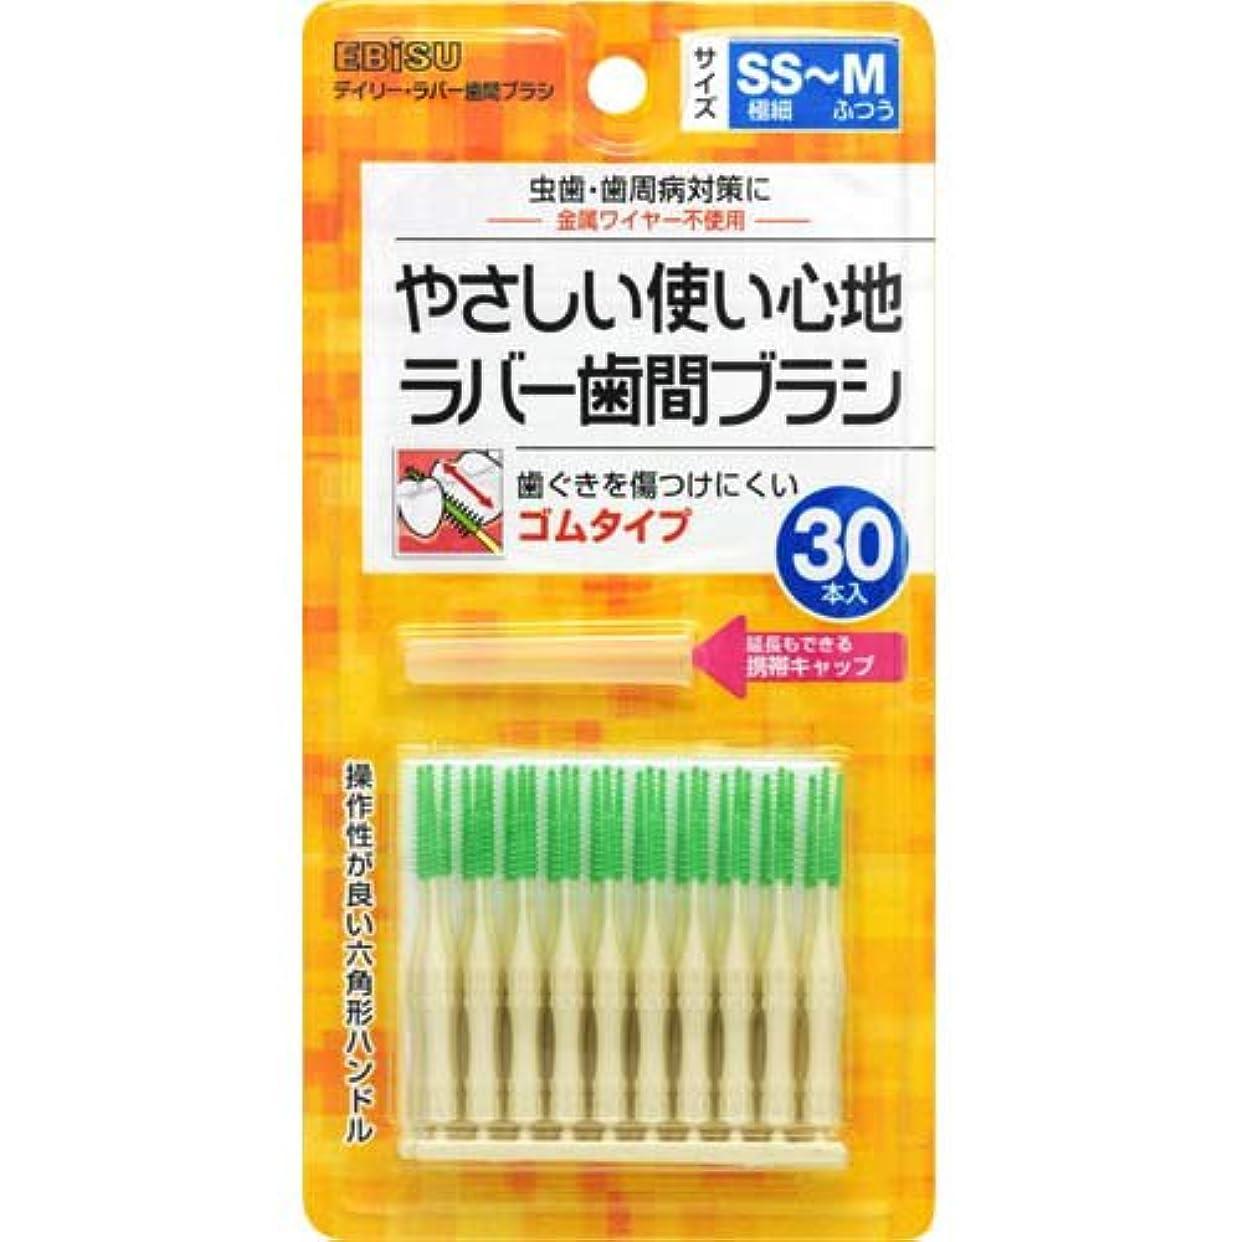 旅行代理店浴室有名なデイリーラバー歯間ブラシ SS-M 30本入